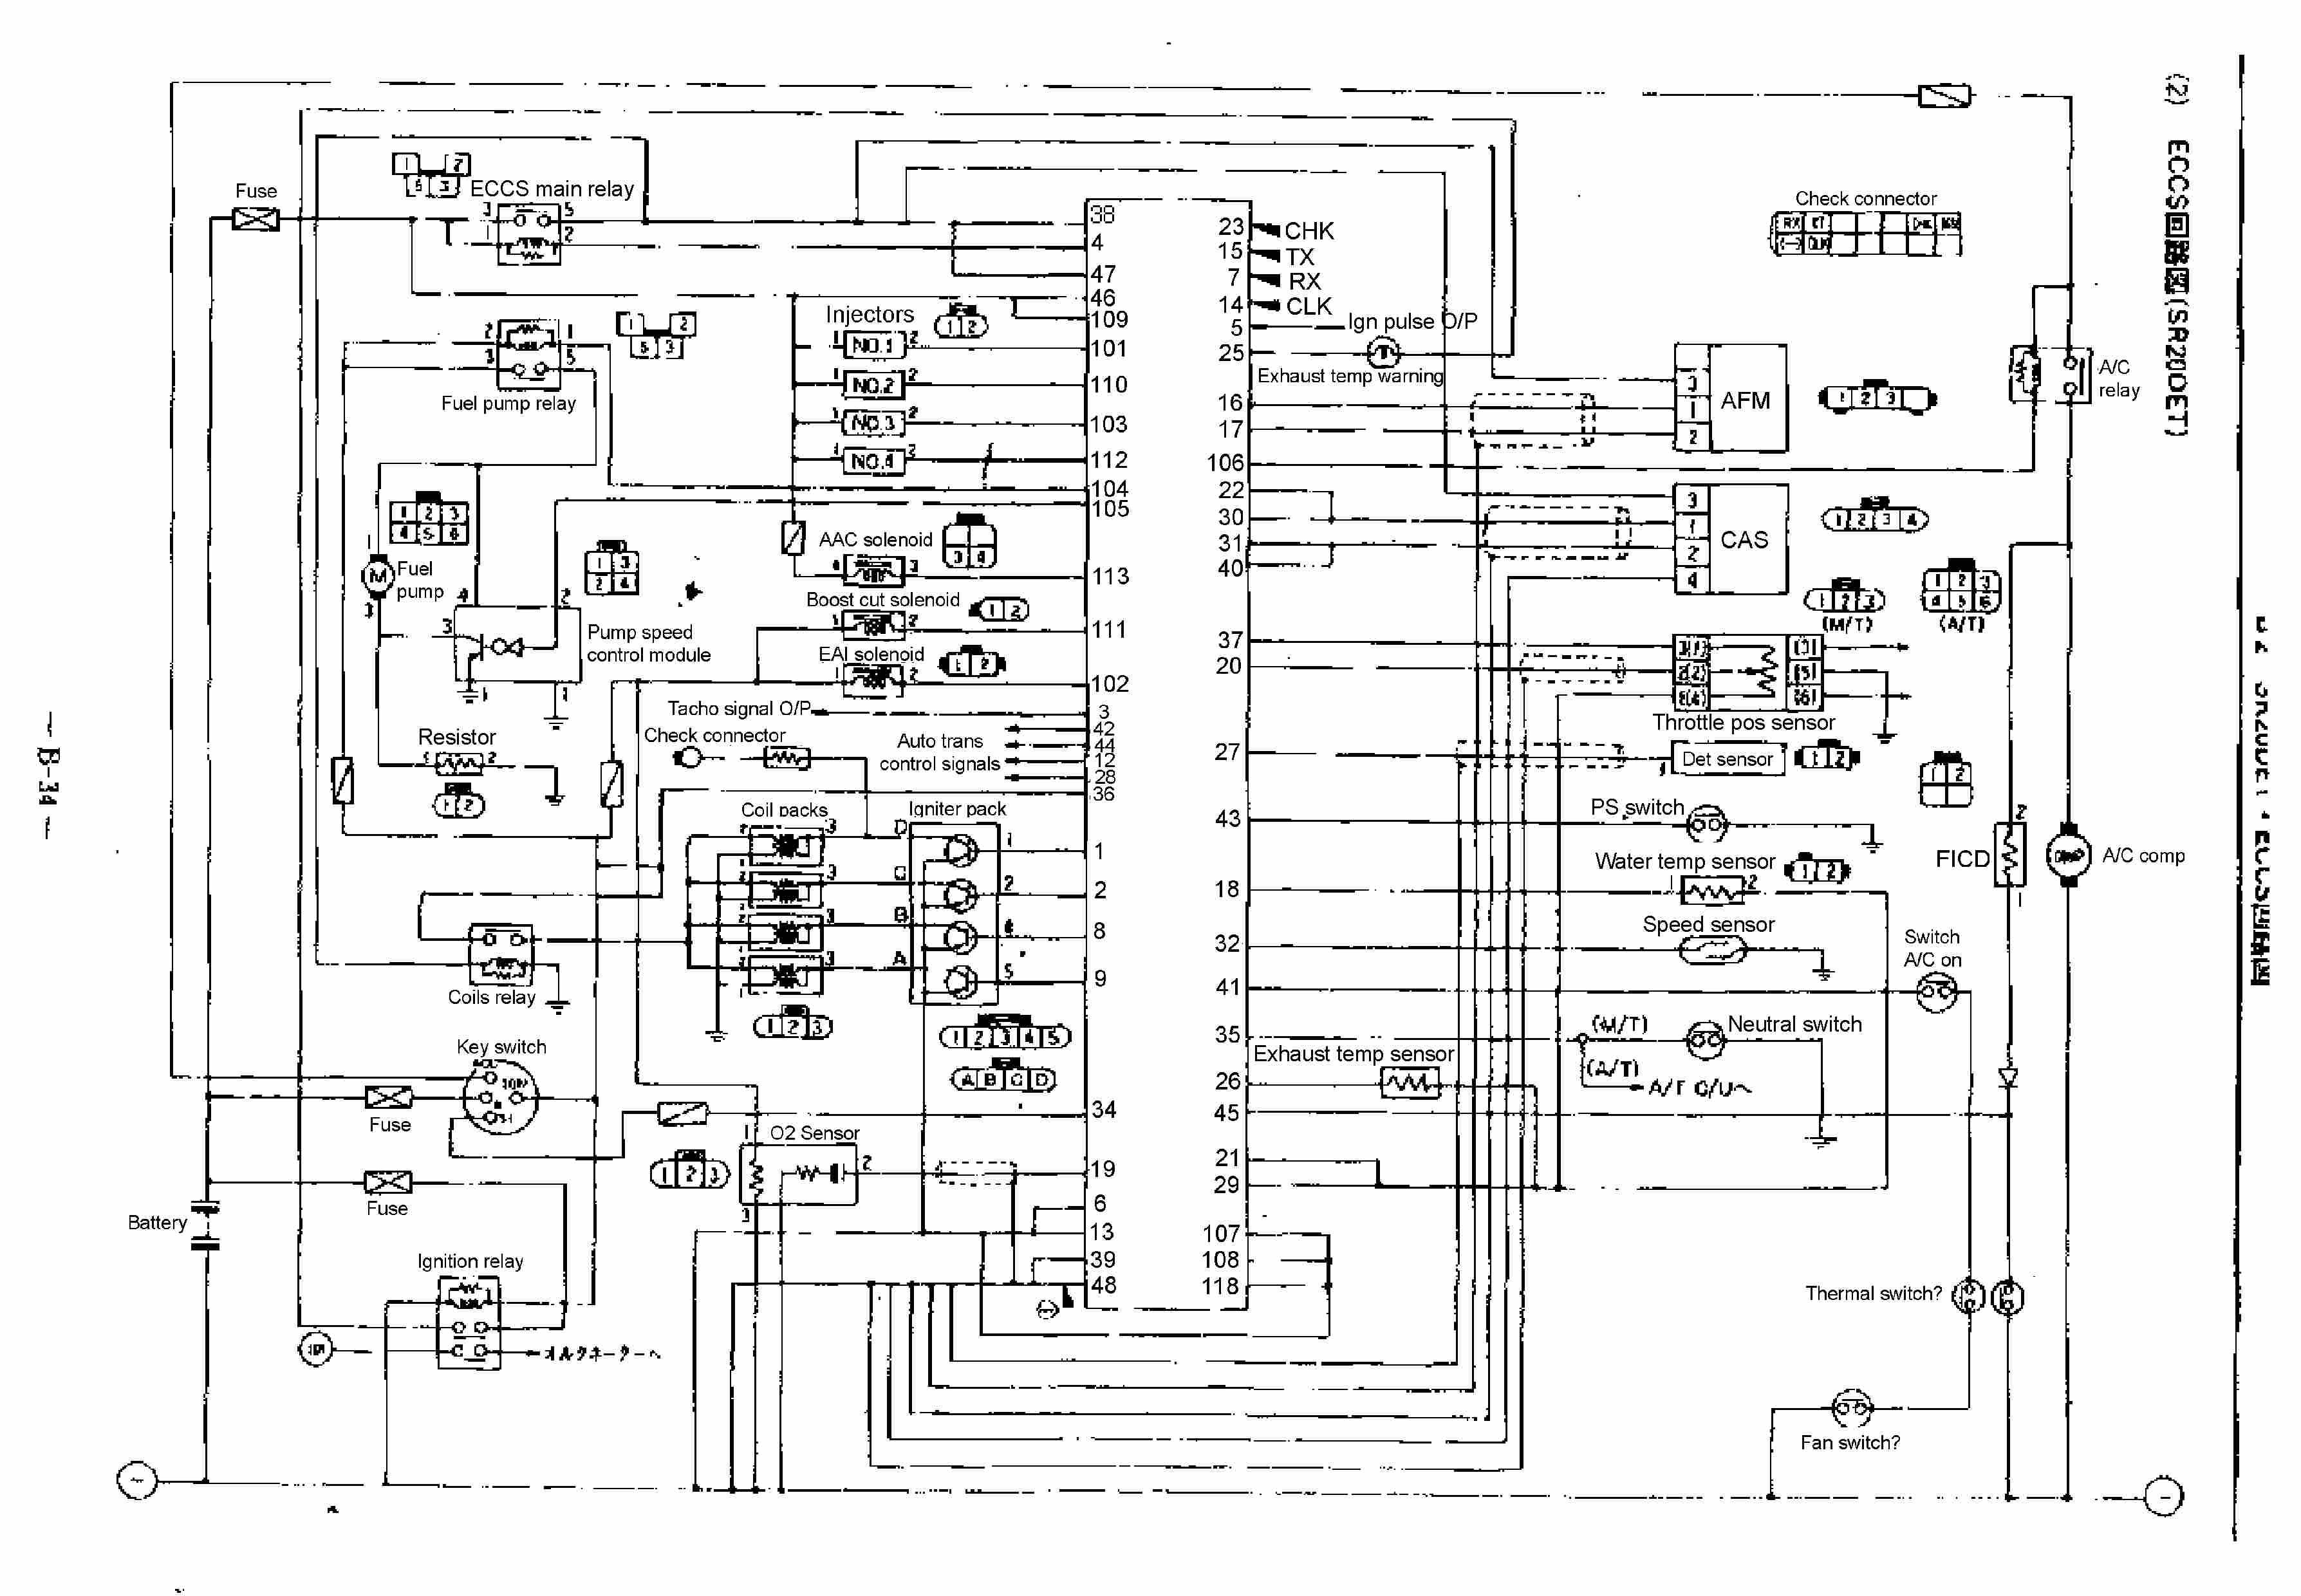 1991 dodge van ignition ledningsdiagram